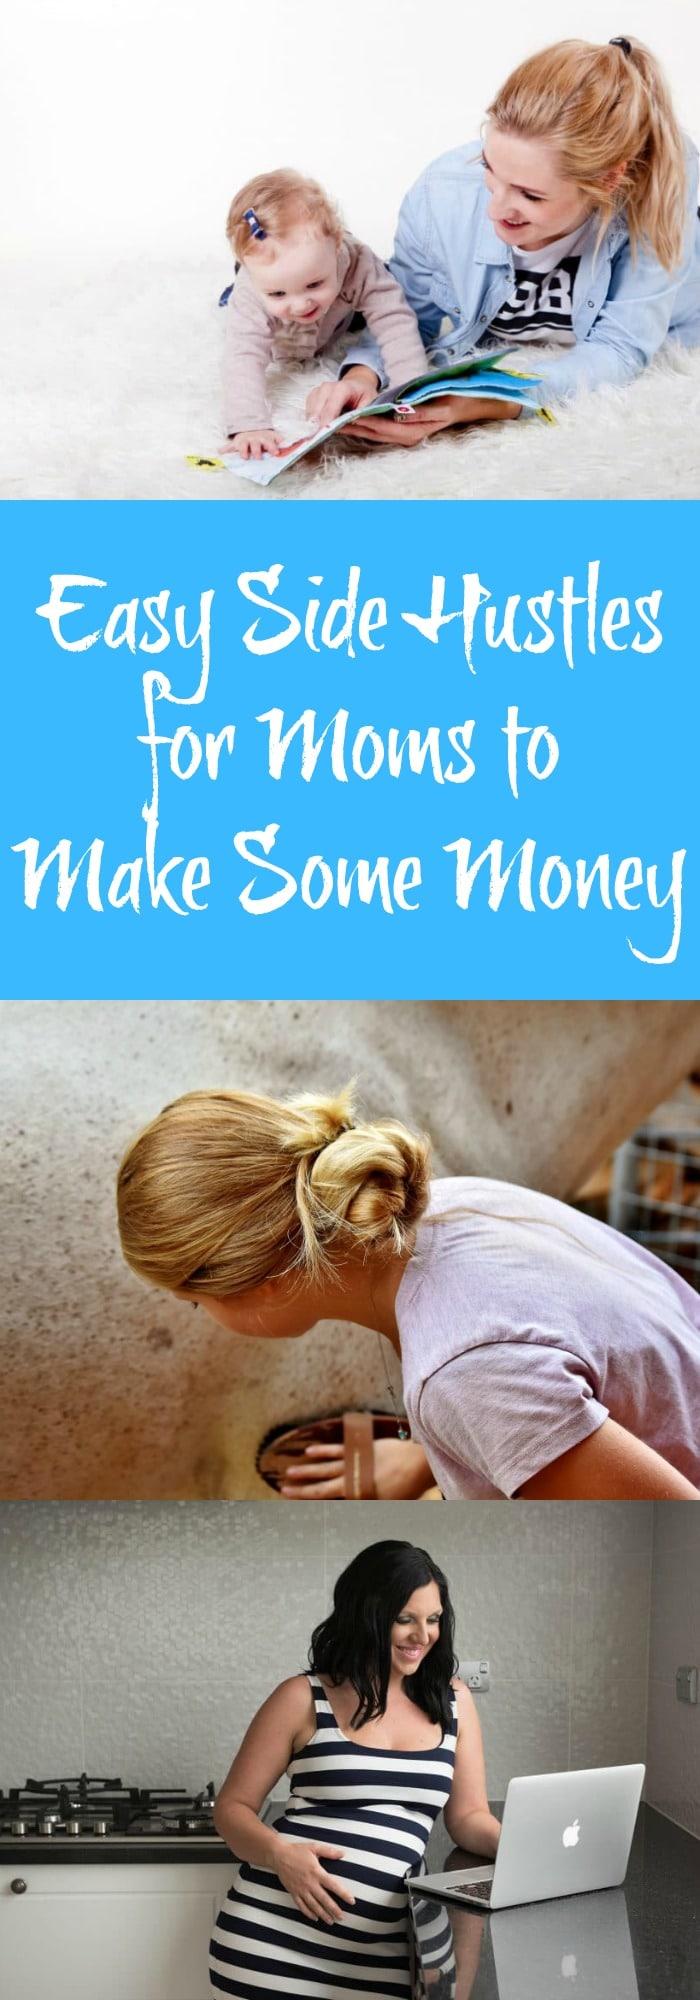 Easy Side Hustles for Moms to Make Some Money